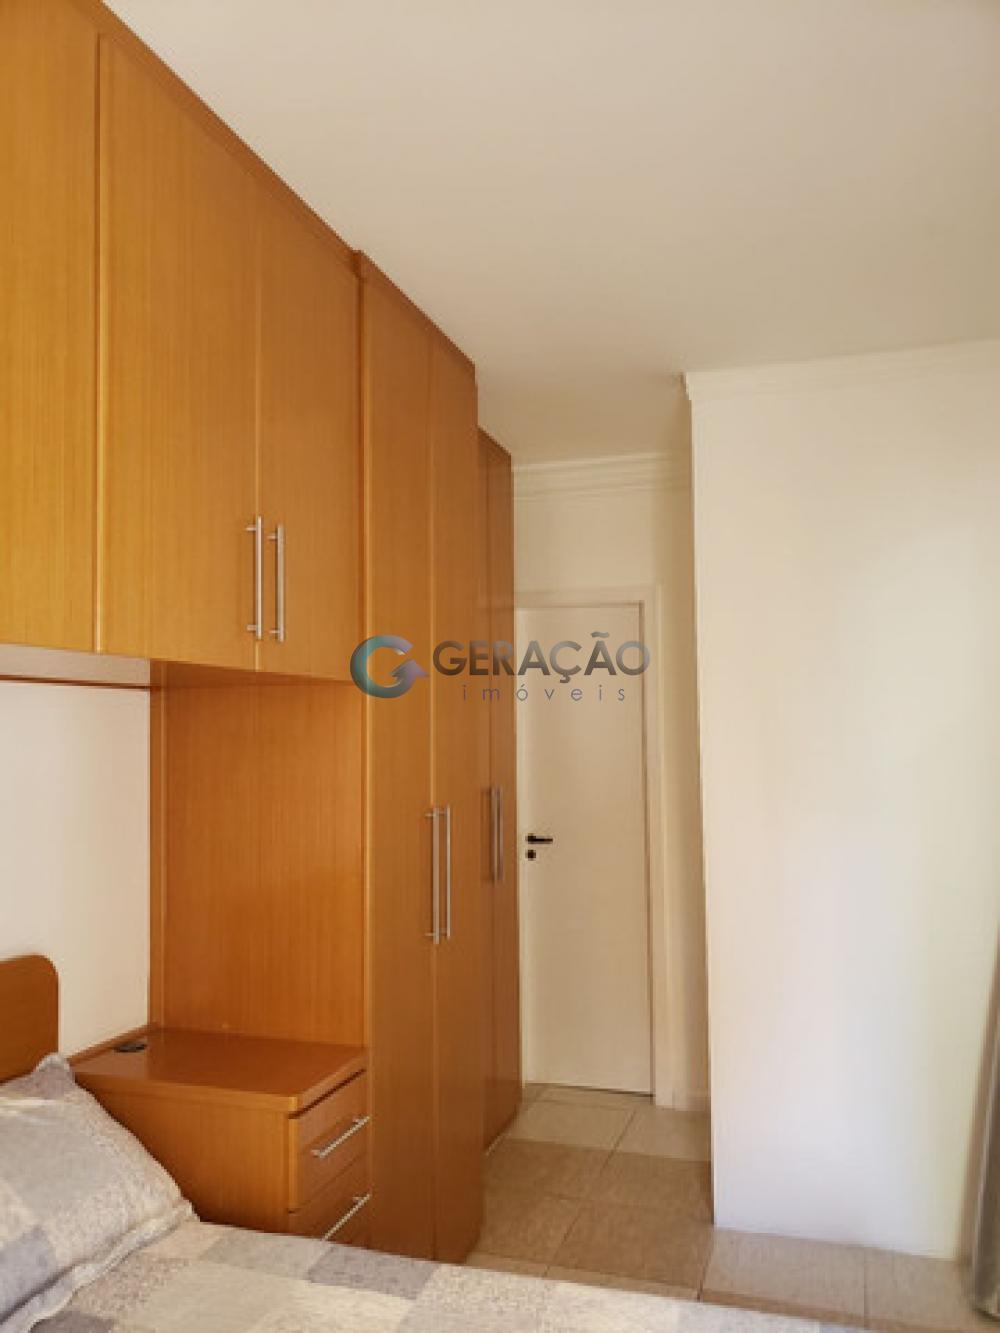 Comprar Apartamento / Flat em São José dos Campos apenas R$ 310.000,00 - Foto 7